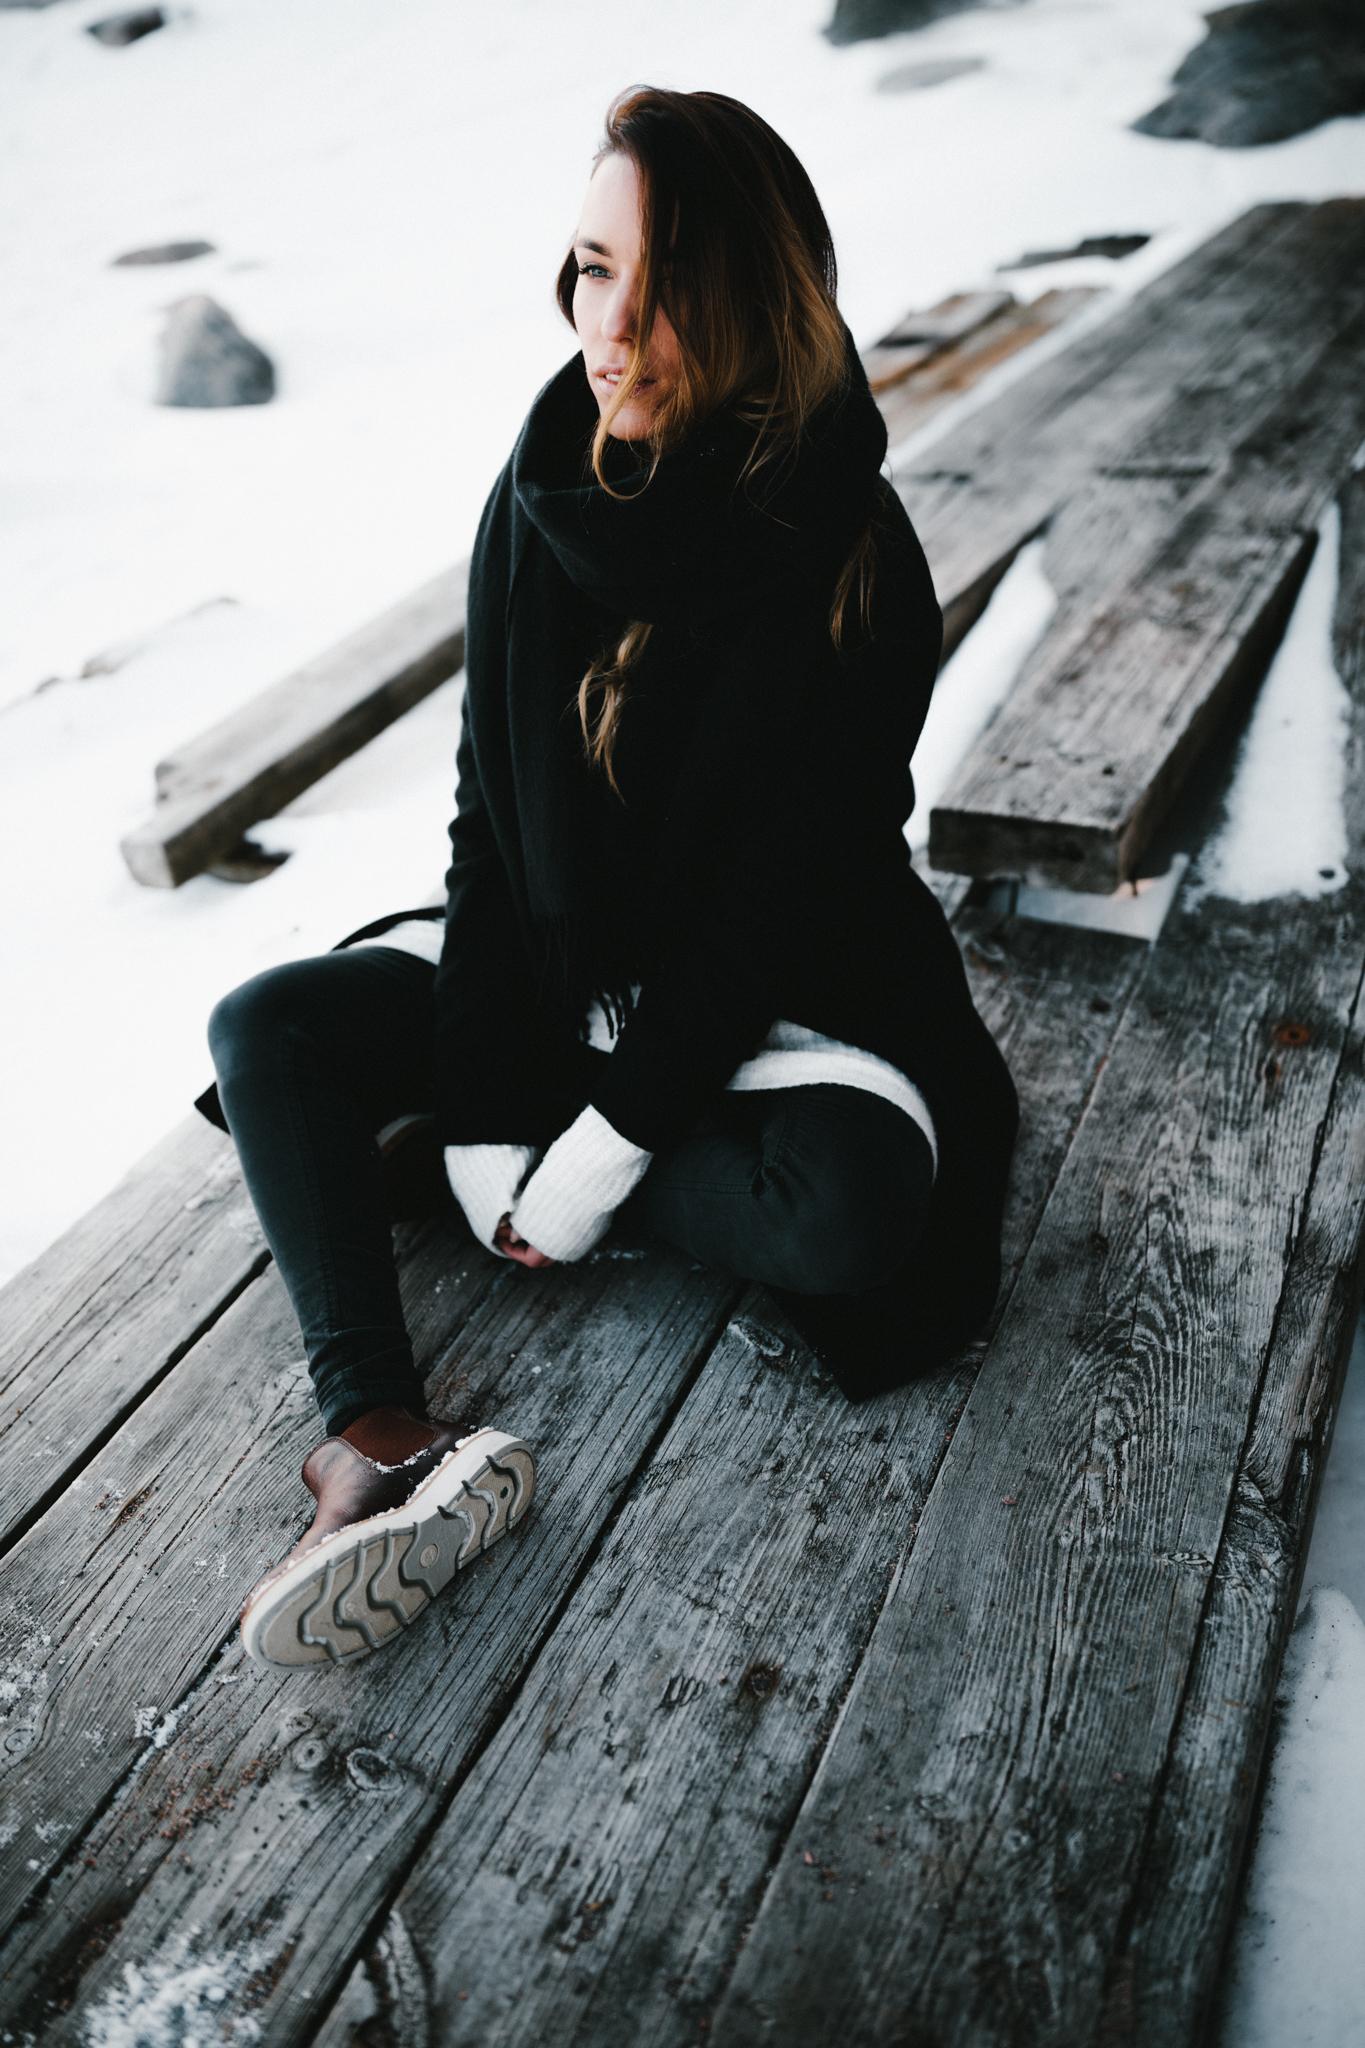 Julia Toivola -- Photos by Patrick Karkkolainen Photographer-53.jpg